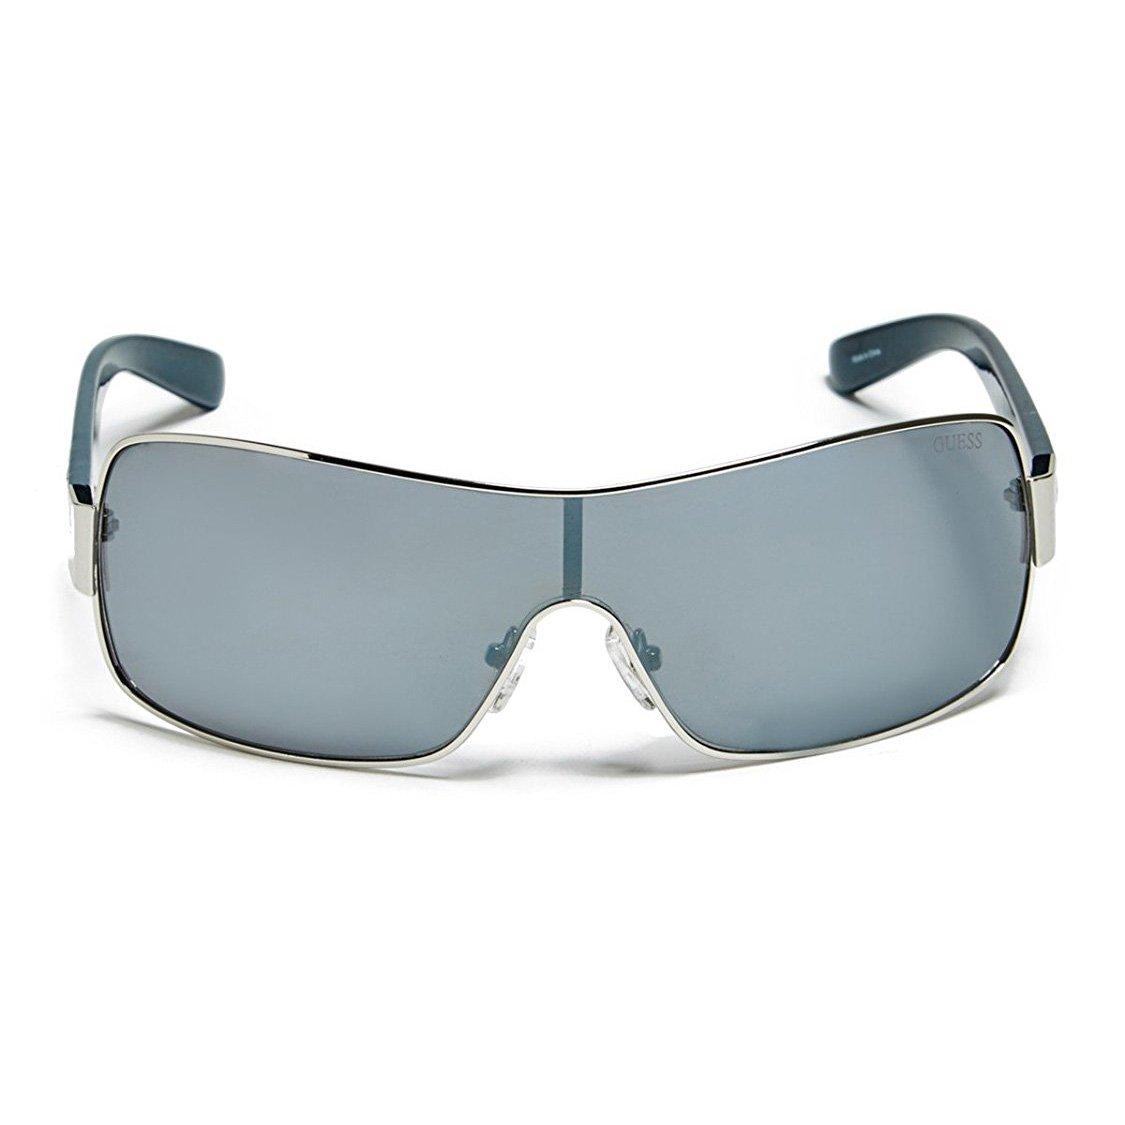 GUESS Hombre Mixed escudo gafas de sol